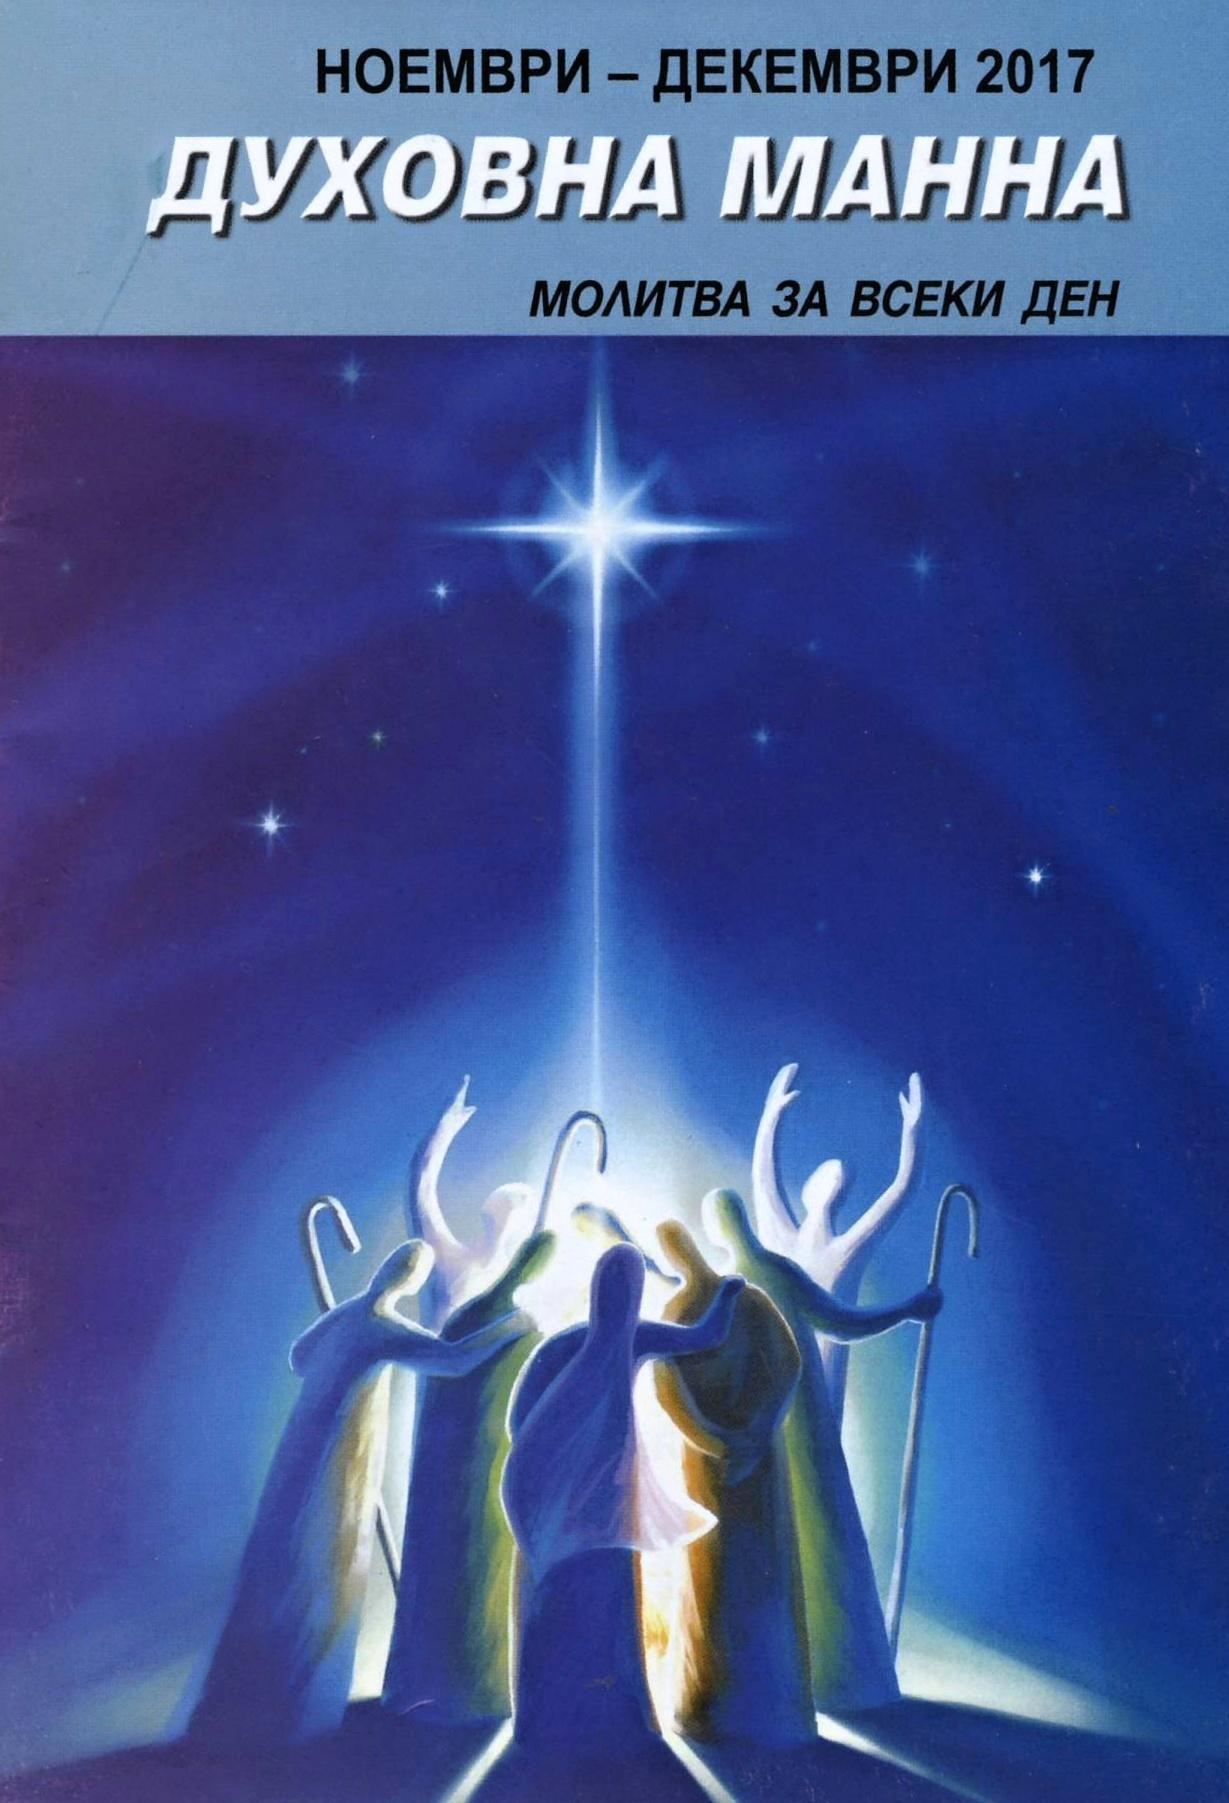 Духовна манна - Ноември и Декември 2017